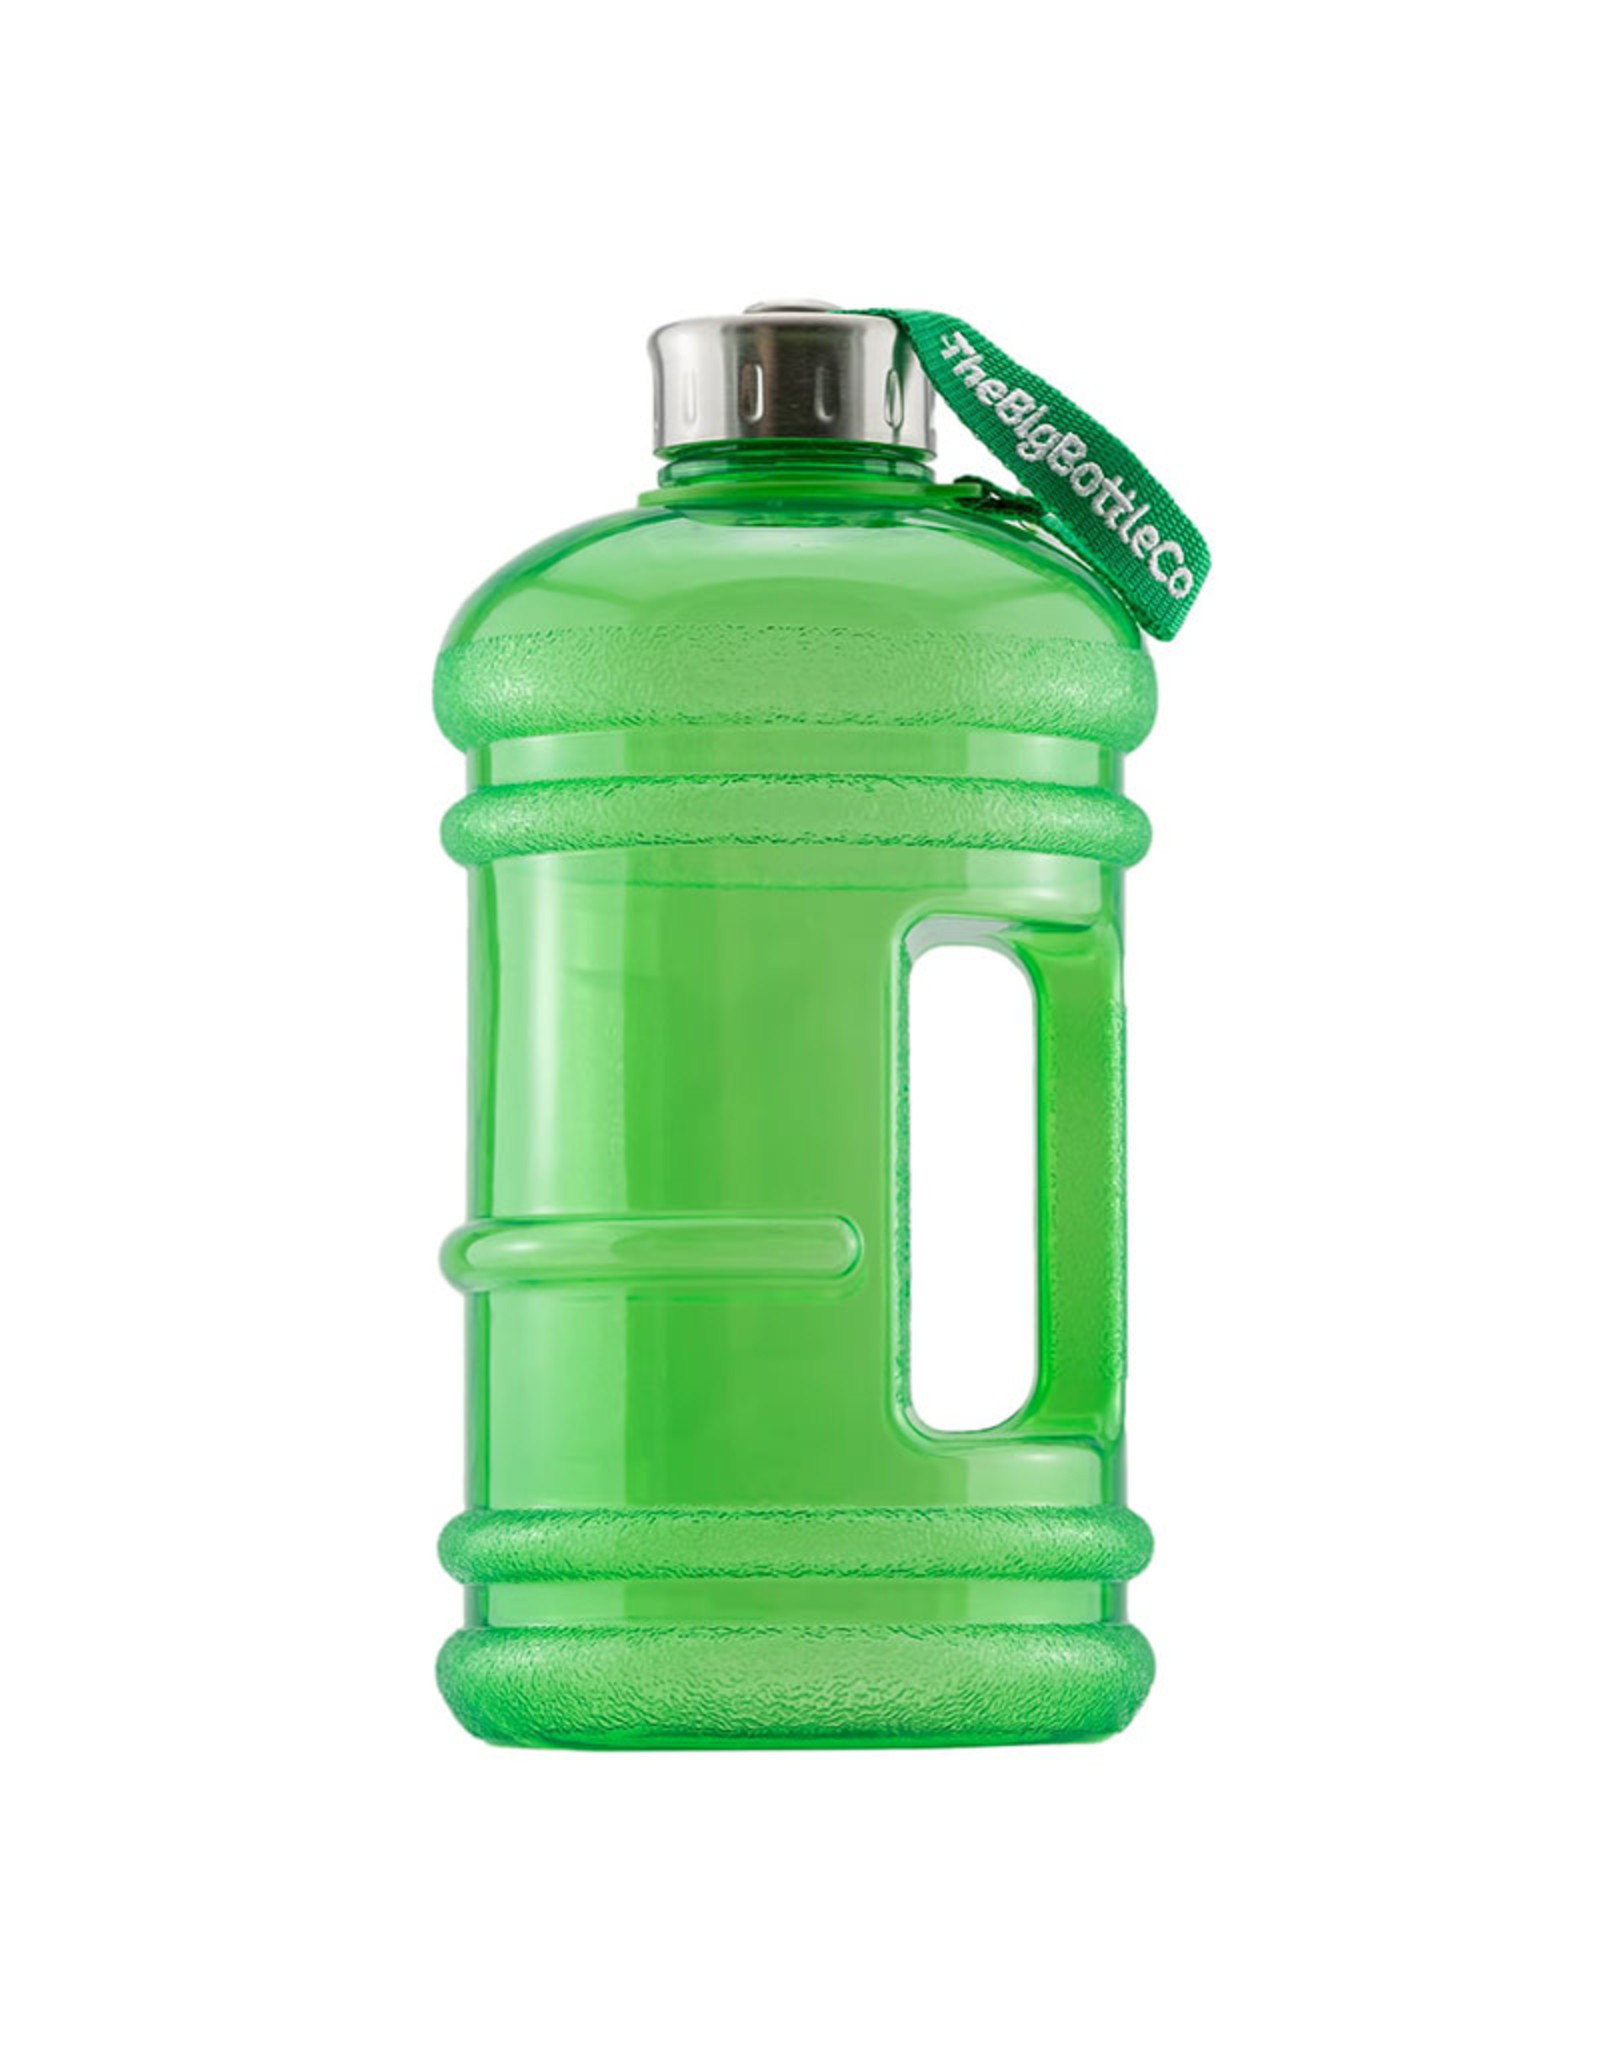 Big Bottle Co. Big Bottle Co. - Bouteille de Plastique - Collection Gloss, Grande Verte (2.2L)